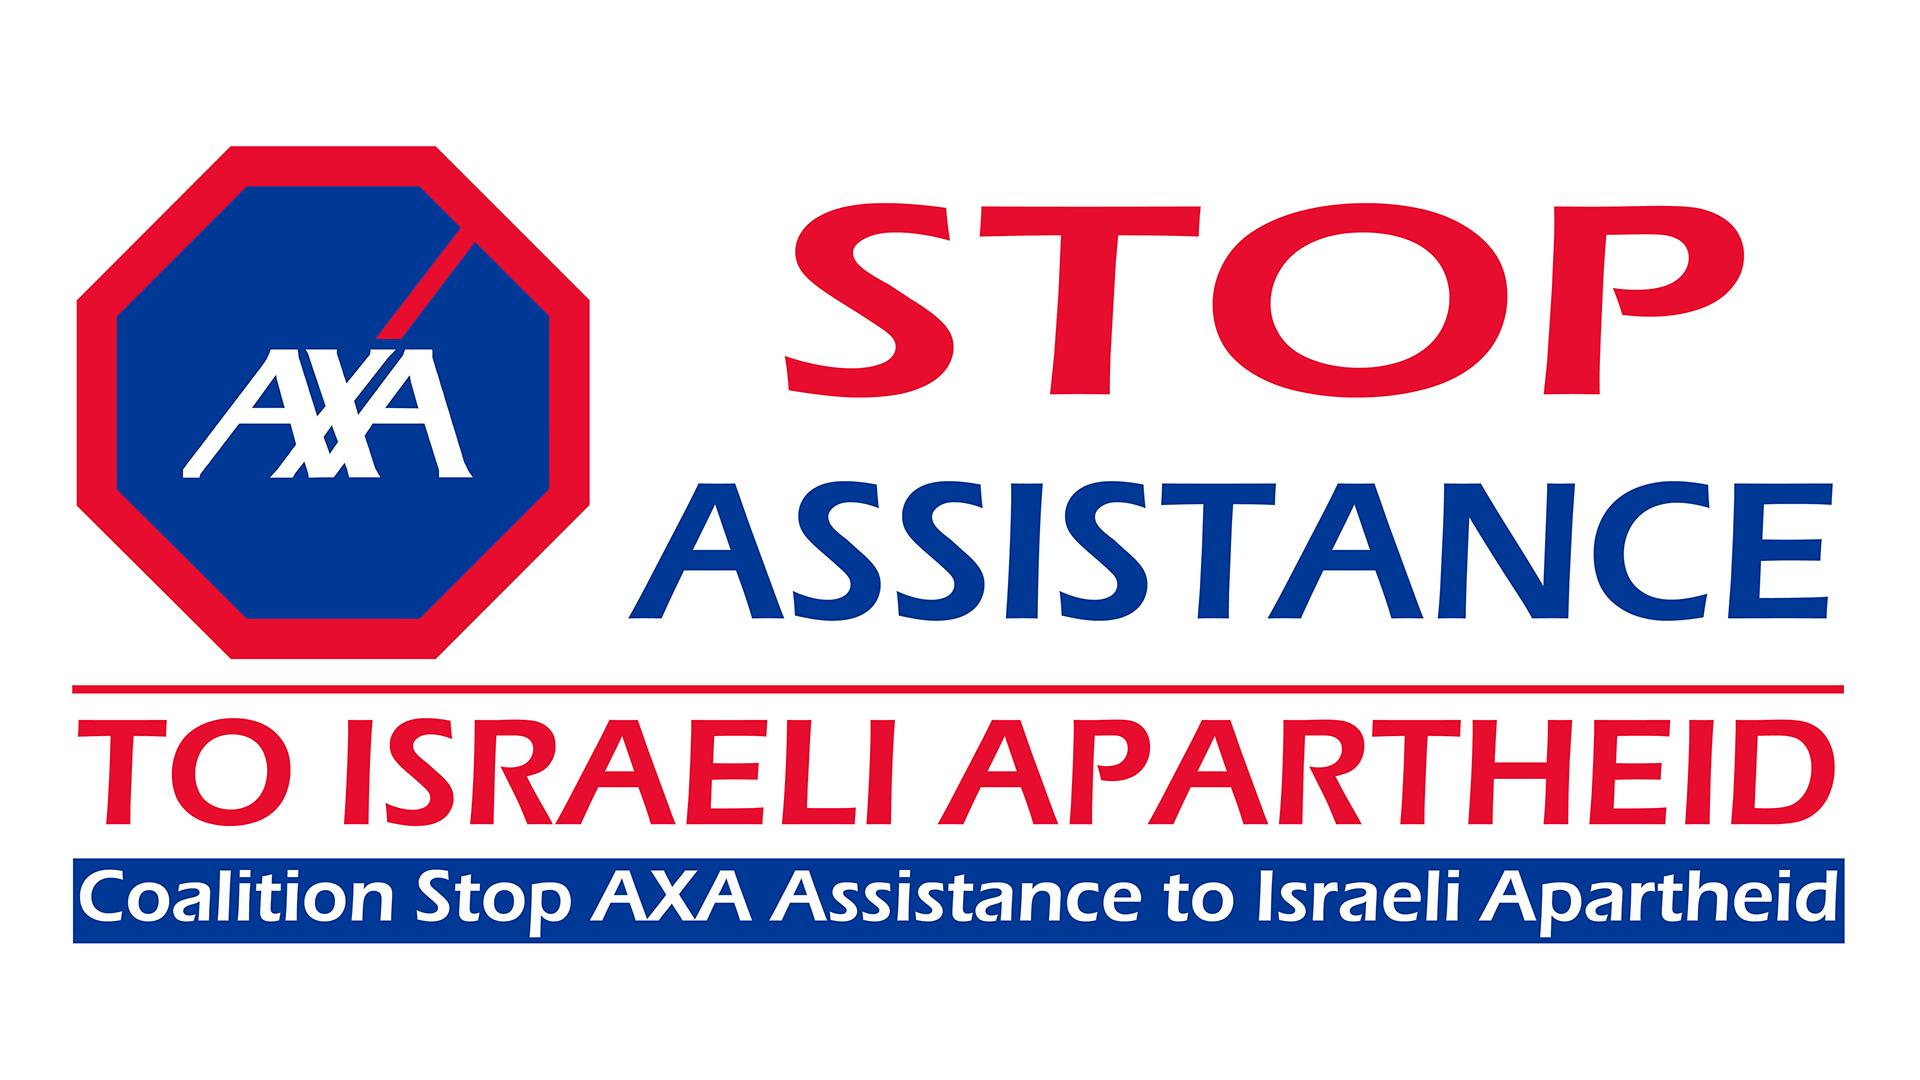 Stop AXA